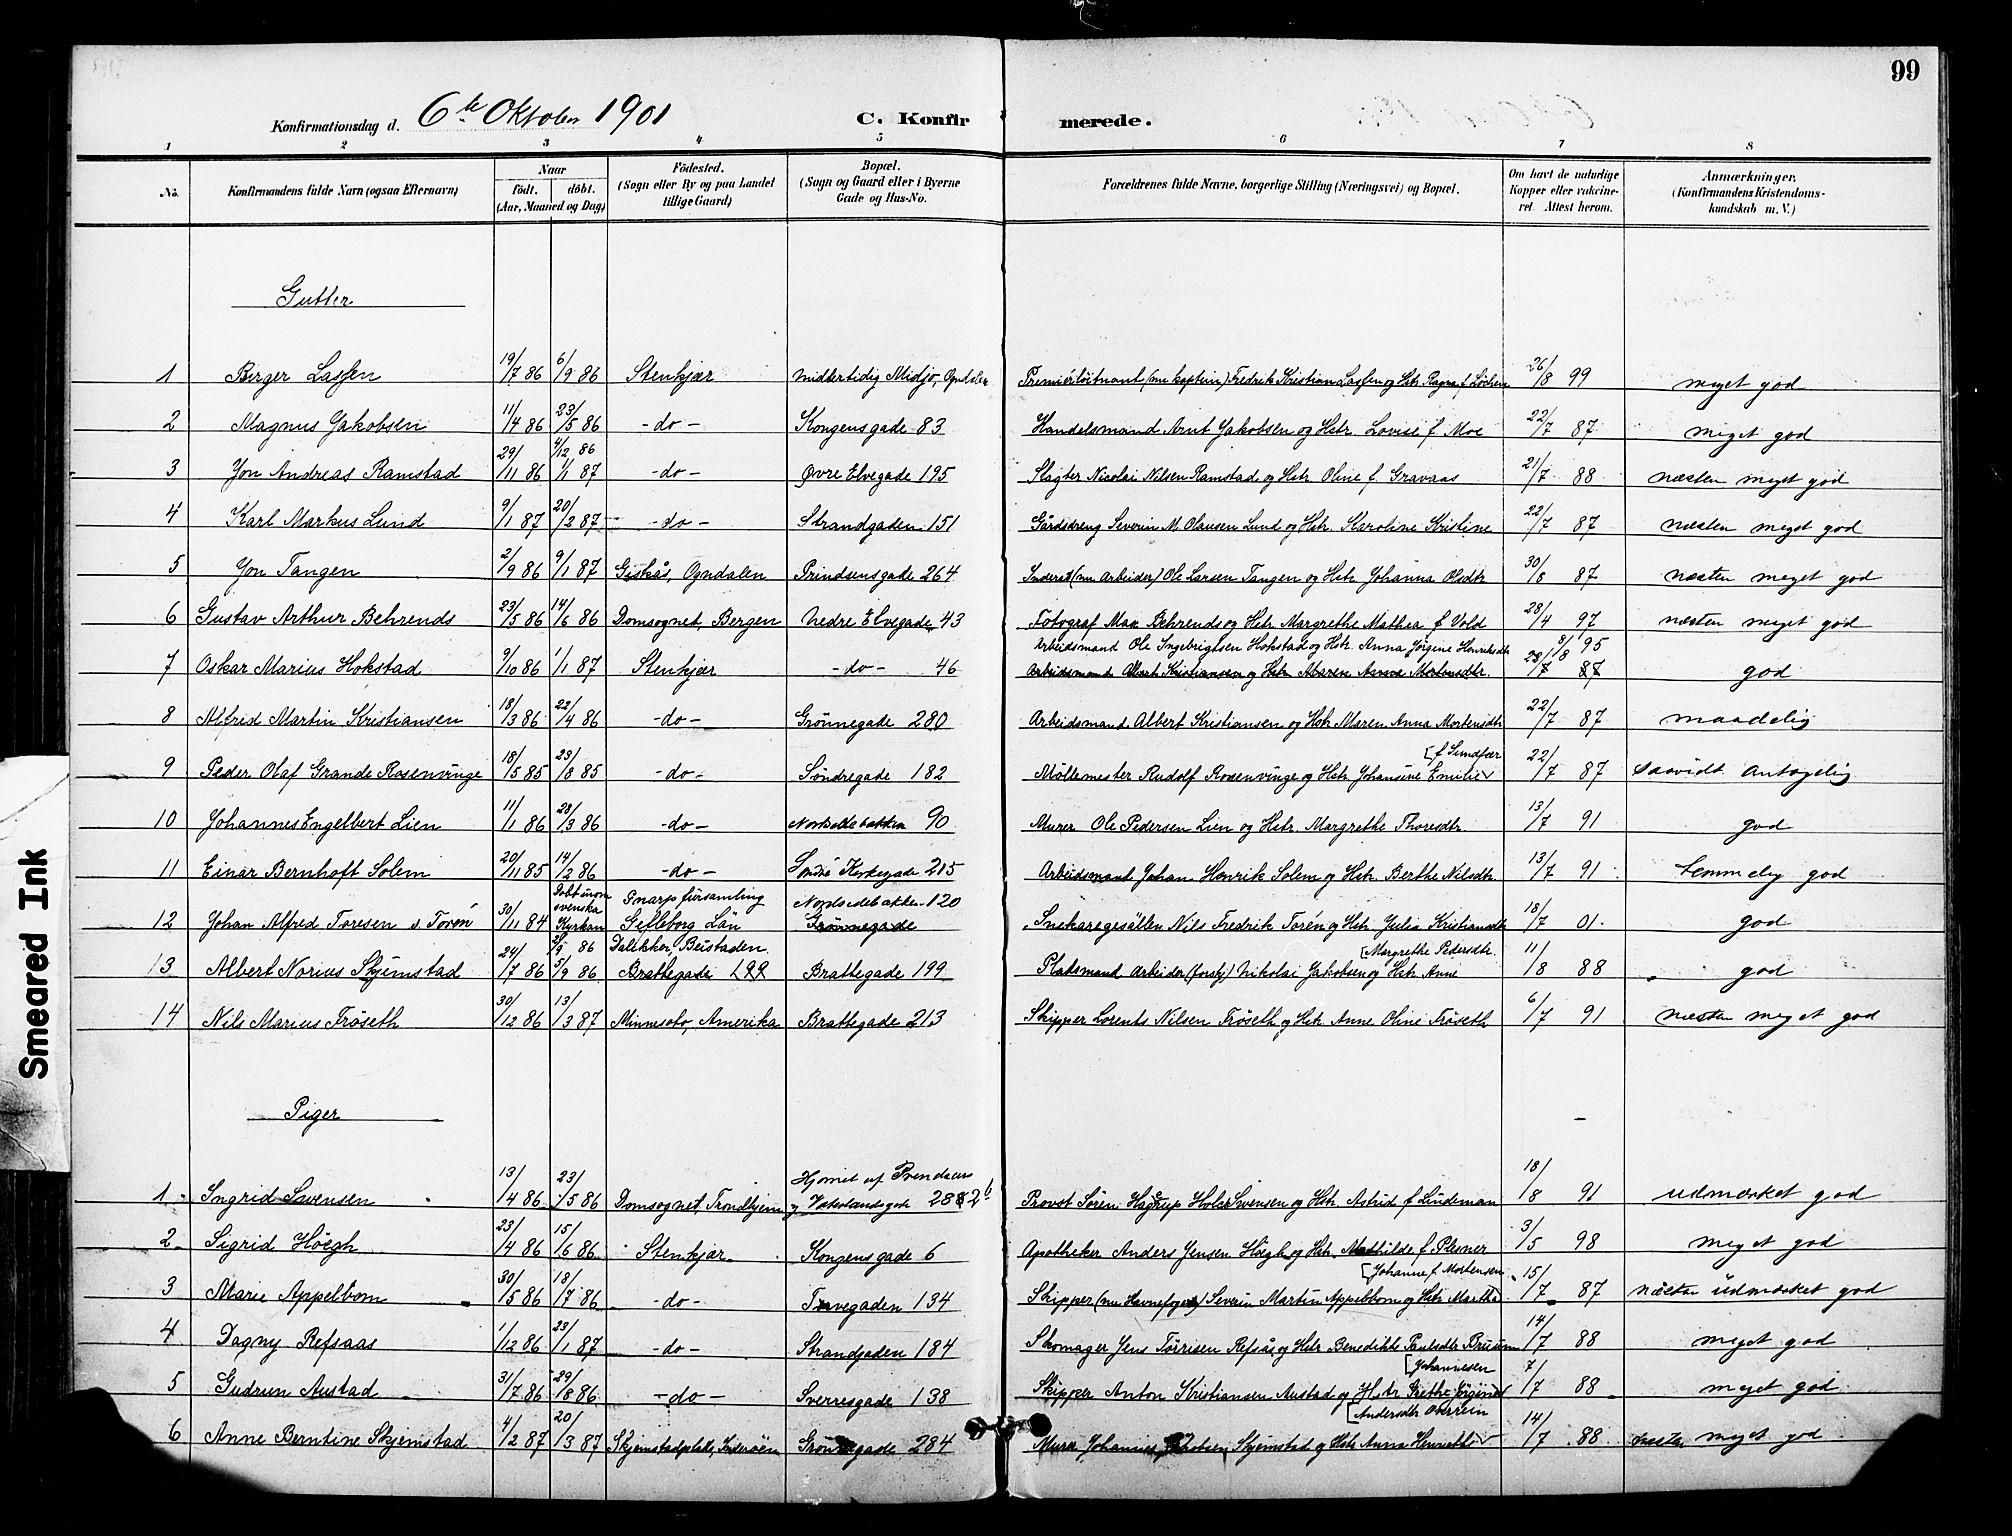 SAT, Ministerialprotokoller, klokkerbøker og fødselsregistre - Nord-Trøndelag, 739/L0372: Ministerialbok nr. 739A04, 1895-1903, s. 99